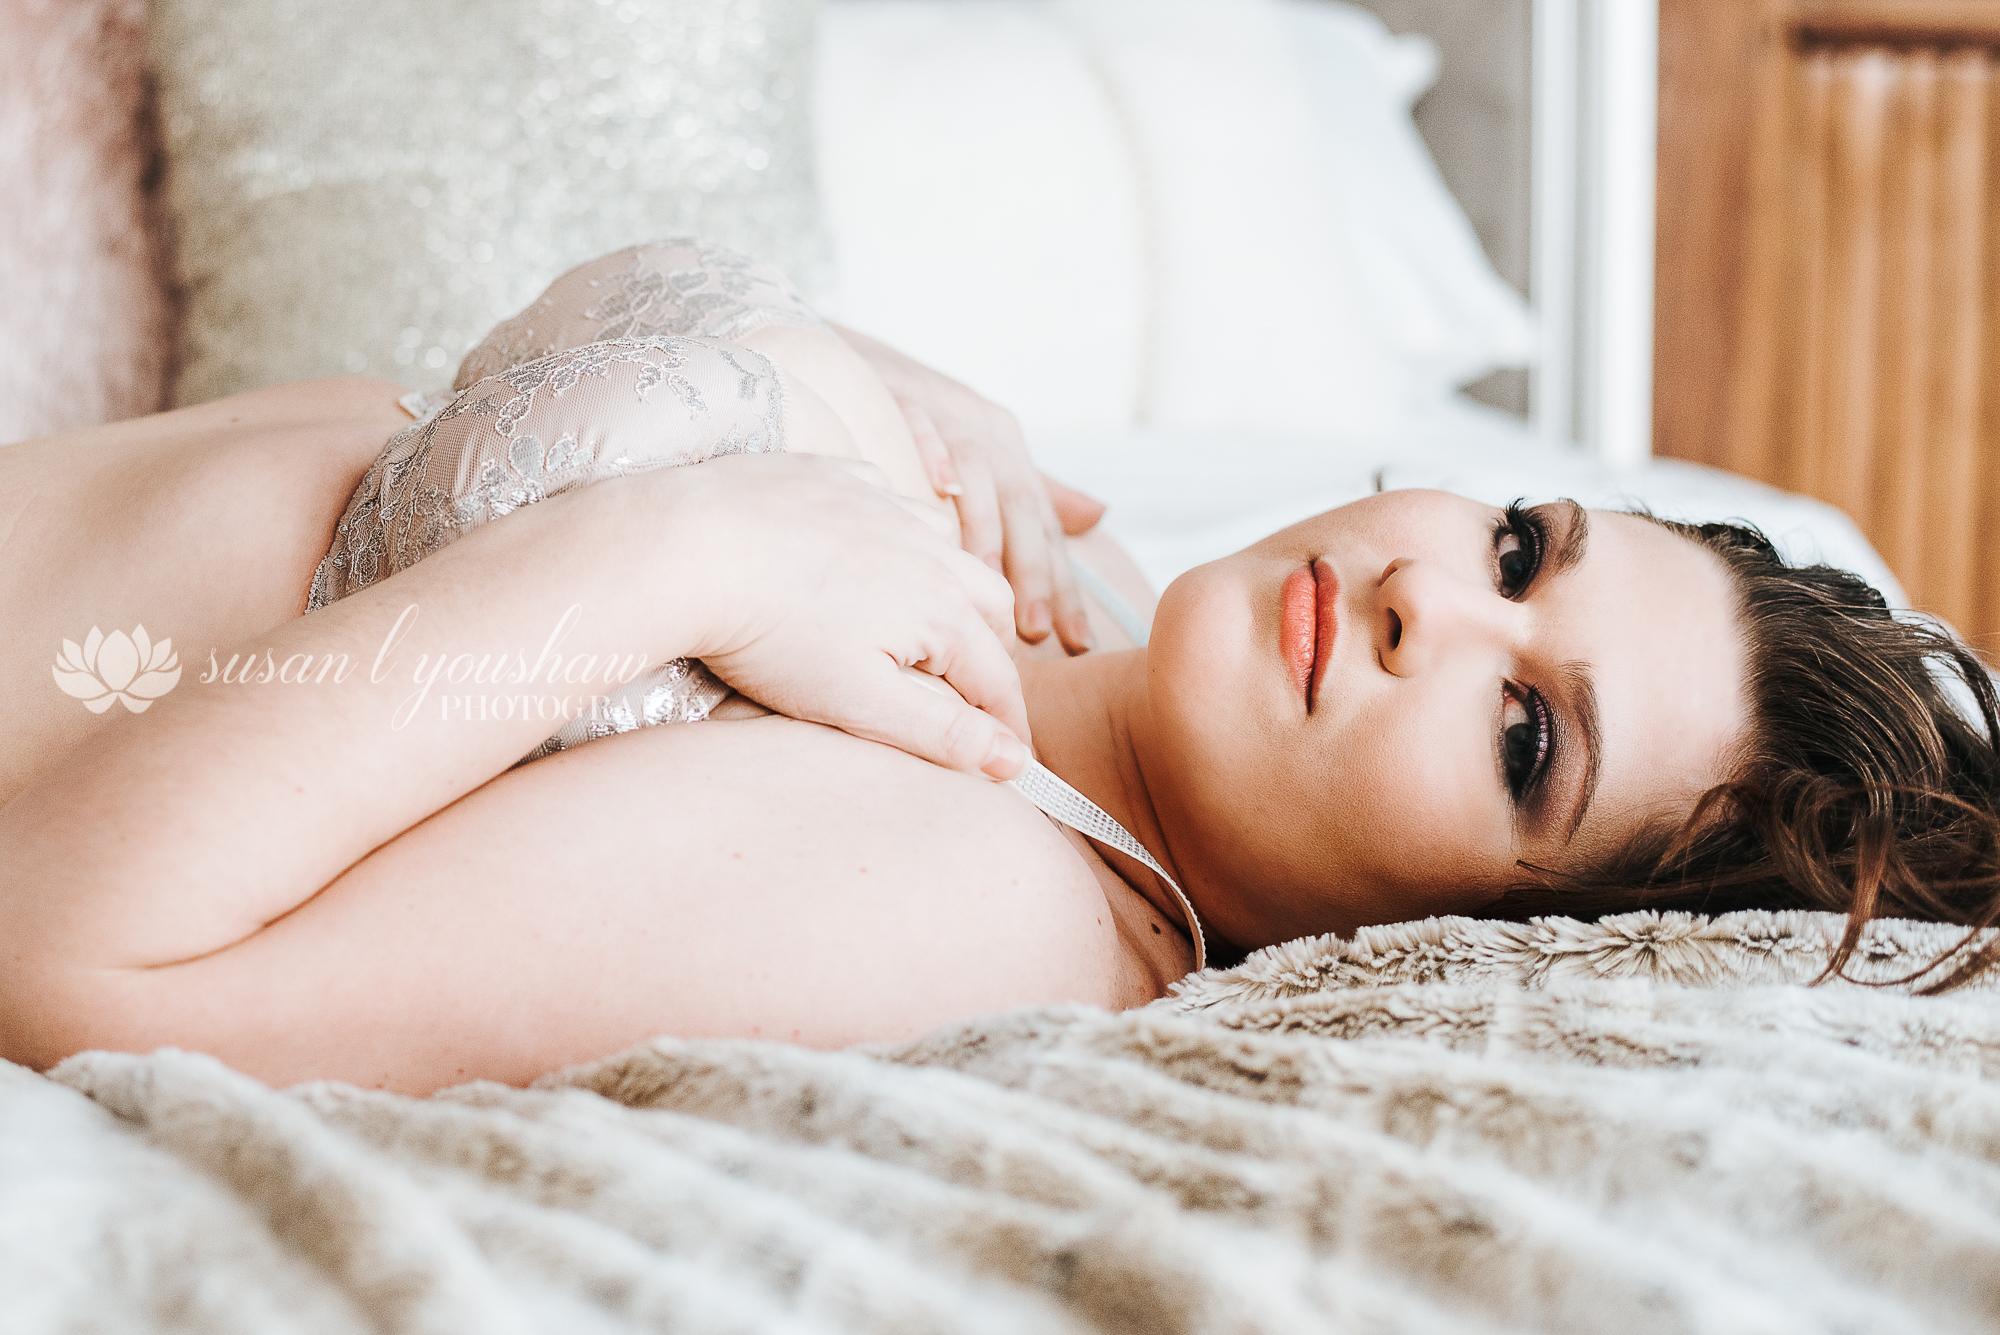 Boudoir Photos Miss S 03-02-2019 SLY Photography-5.jpg